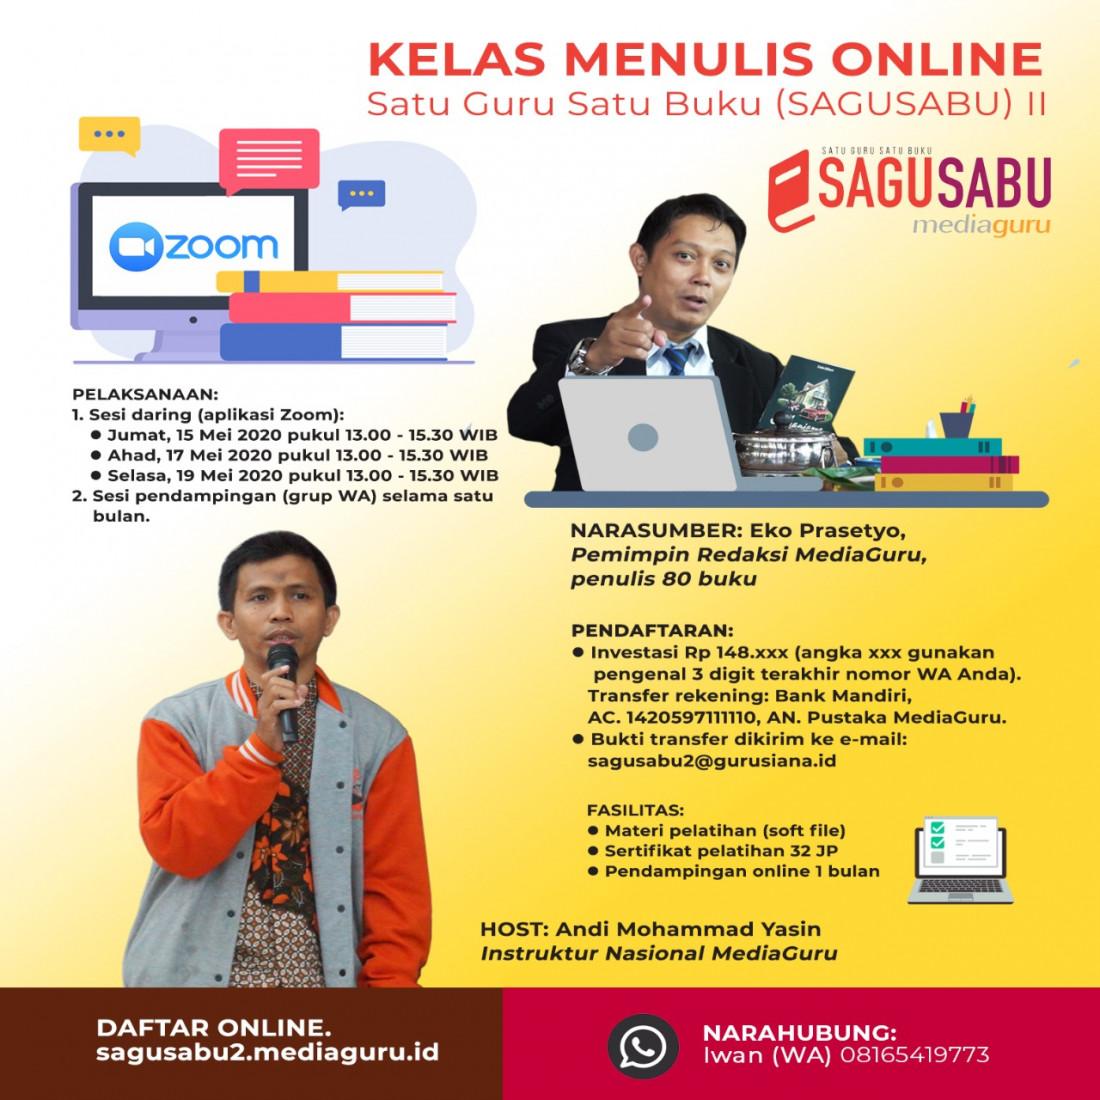 Kelas Menulis Online Satu Guru Satu Buku Angkatan II (15 - 19 Mei 2020)